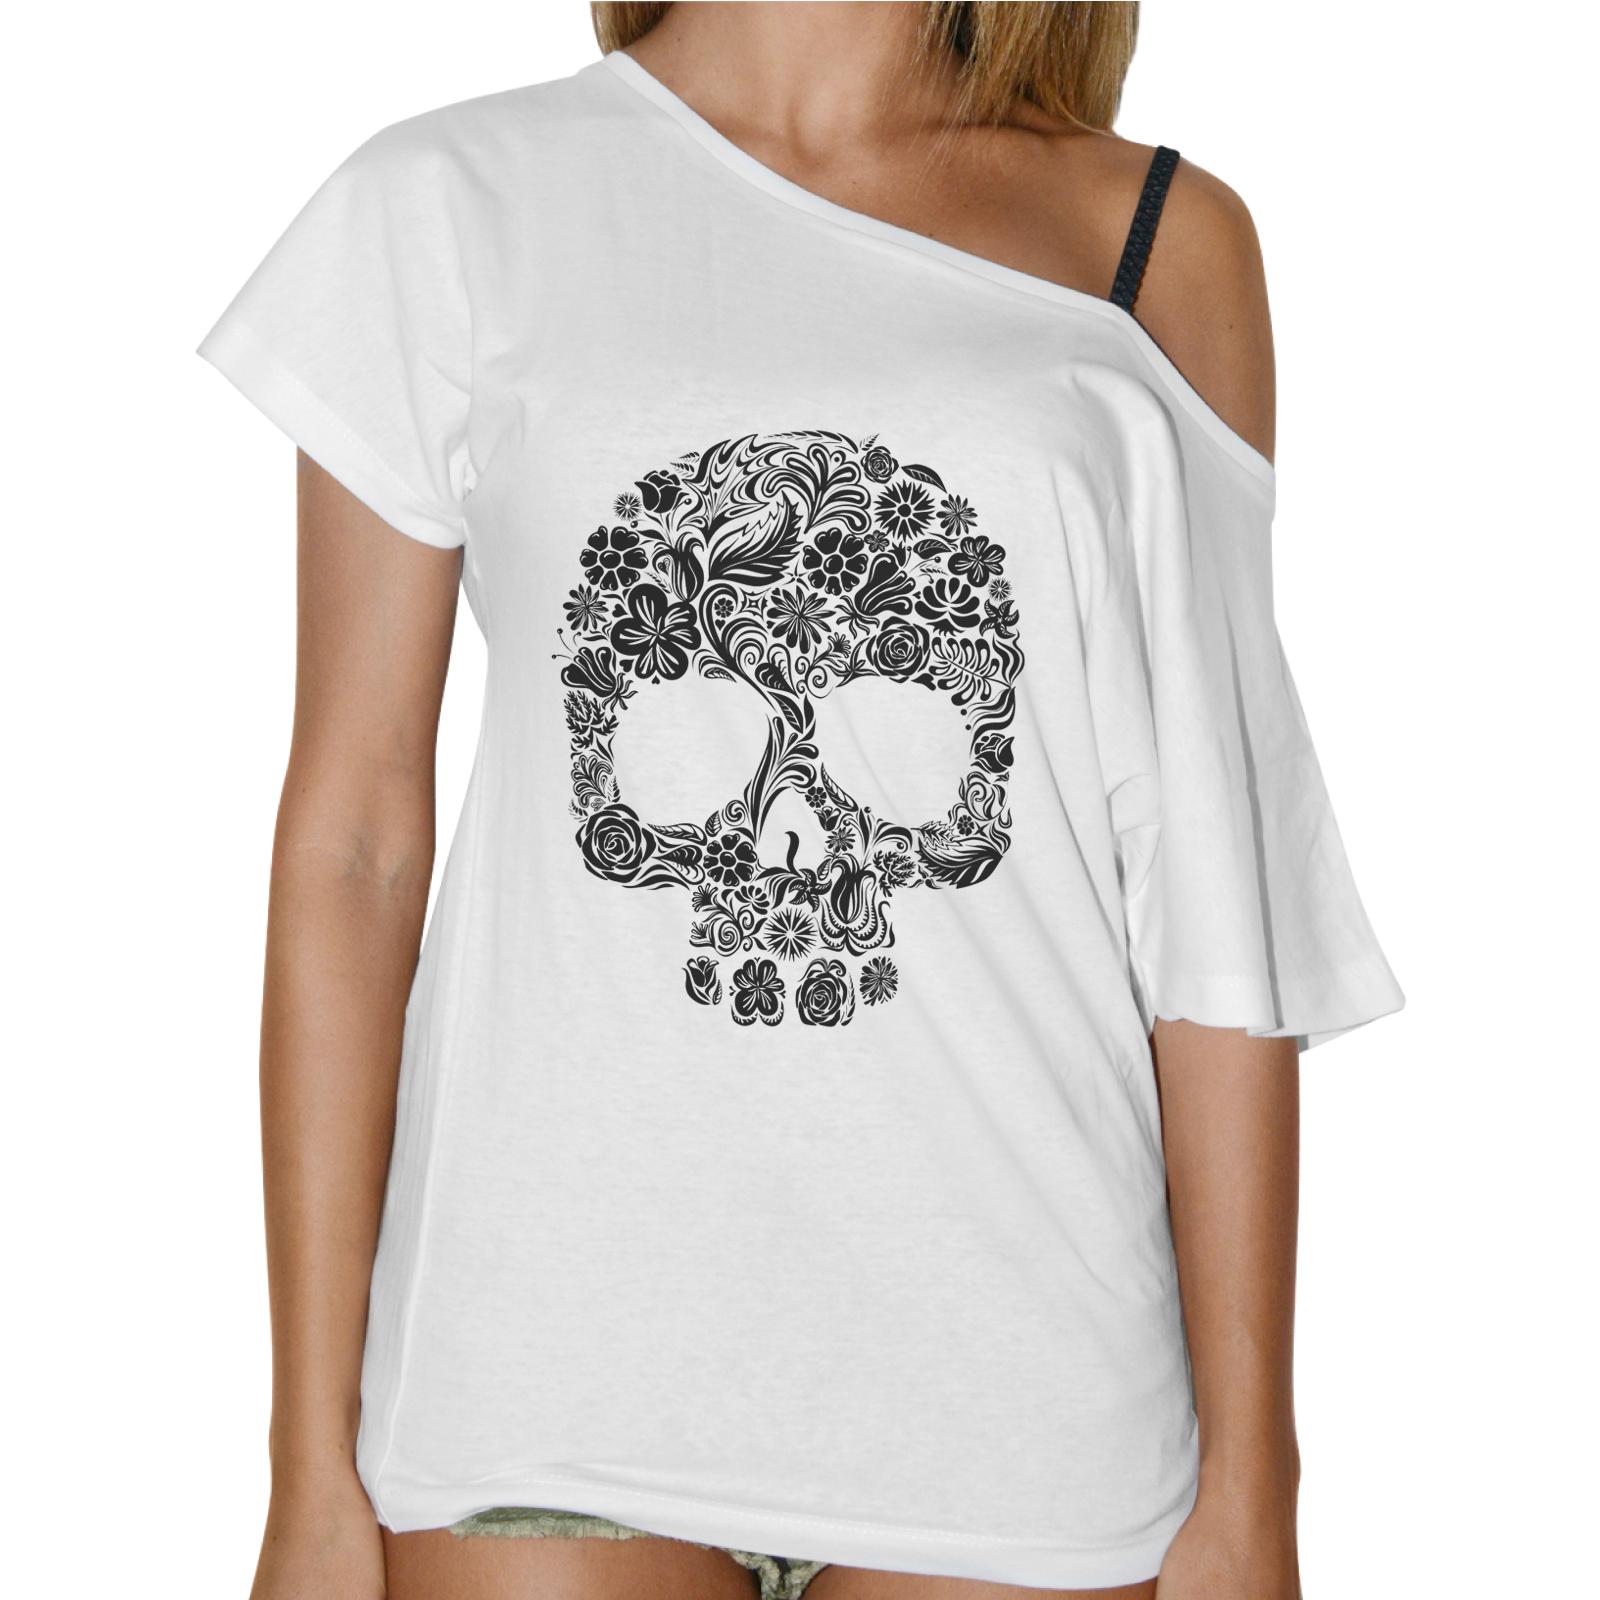 T-Shirt Donna Collo Barca TESCHIO FIORI